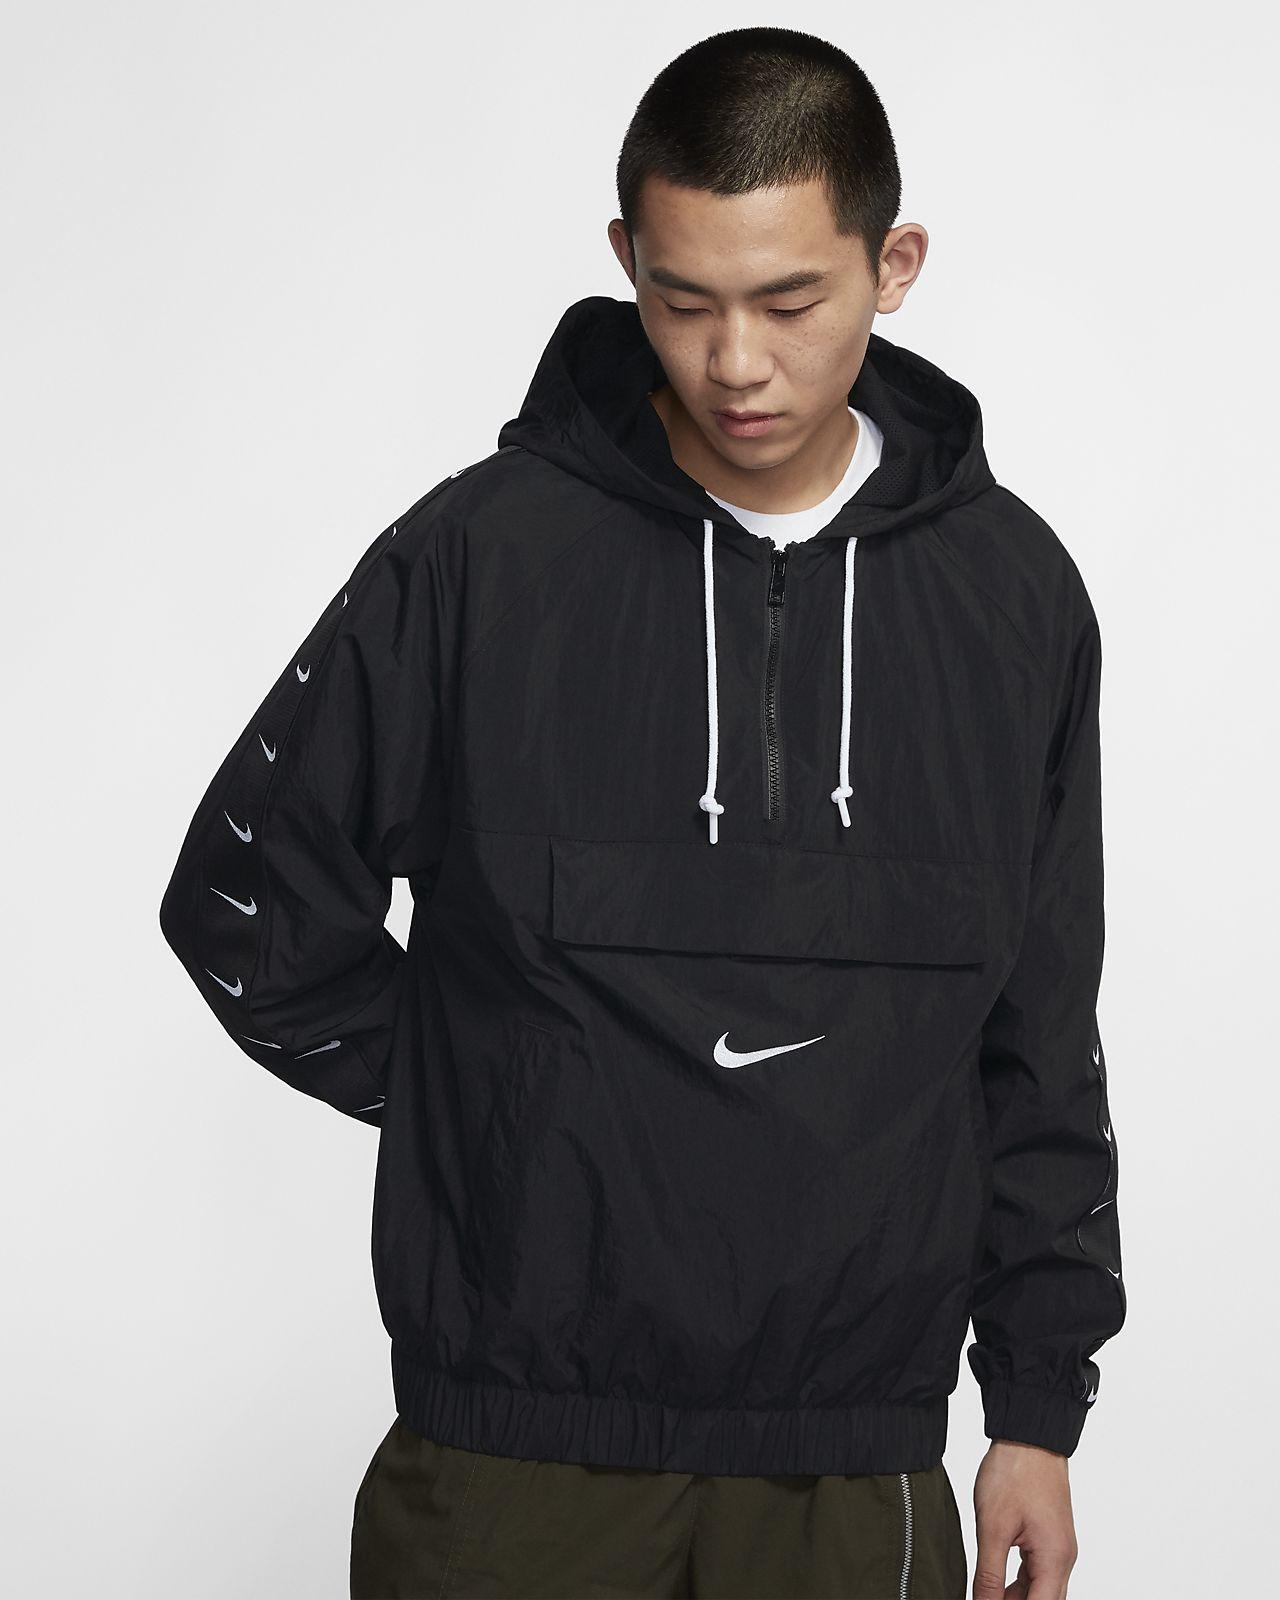 Nike Sportswear Swoosh 男款梭織外套